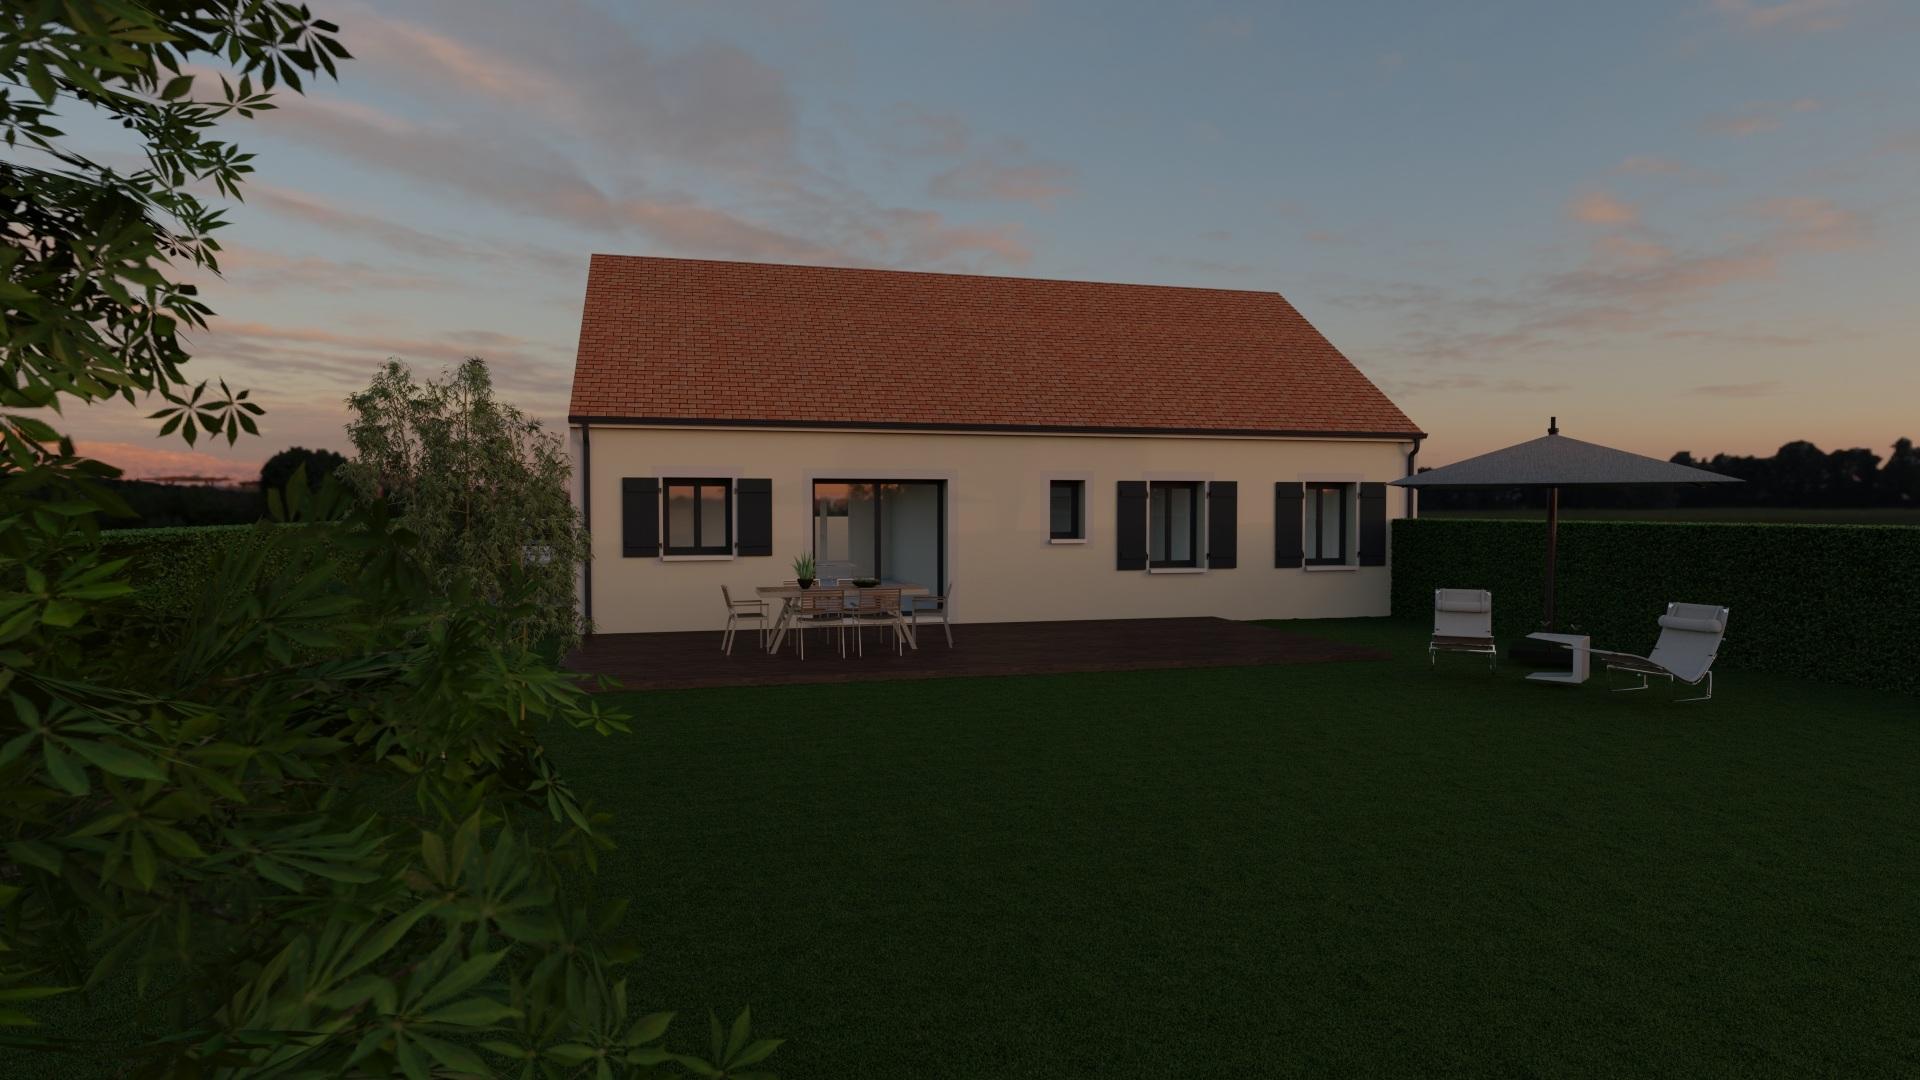 Maisons + Terrains du constructeur MAISON FAMILIALE • 87 m² • MONTGE EN GOELE